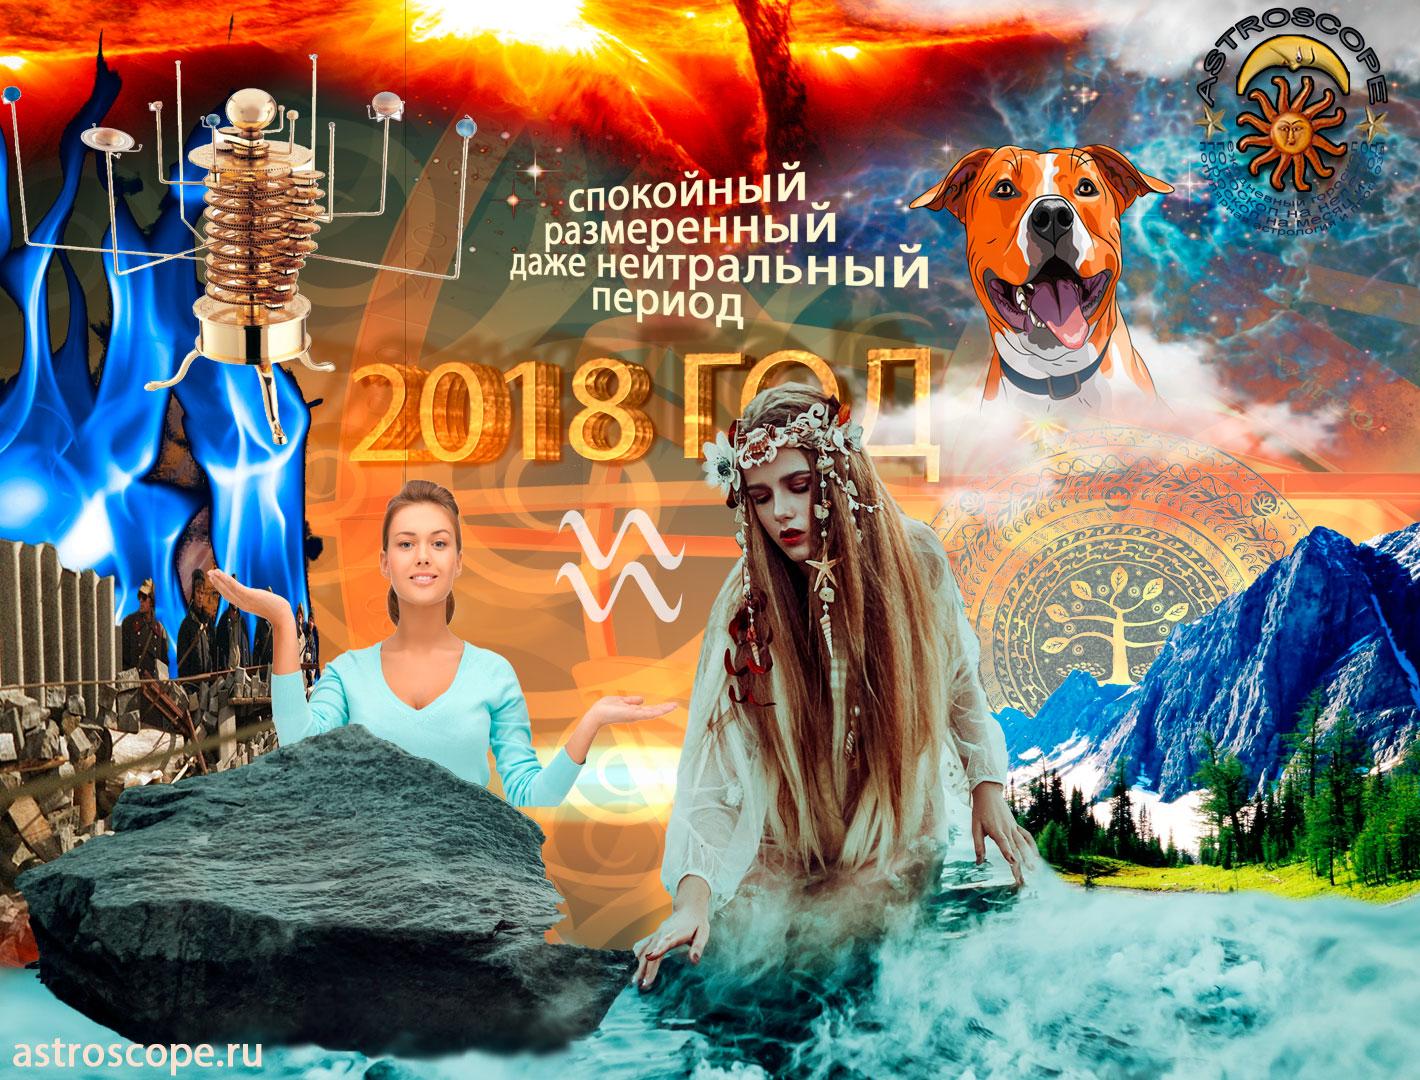 Гороскоп на 2018 год Водолей, астрологический прогноз на 2018 год для Водолеев